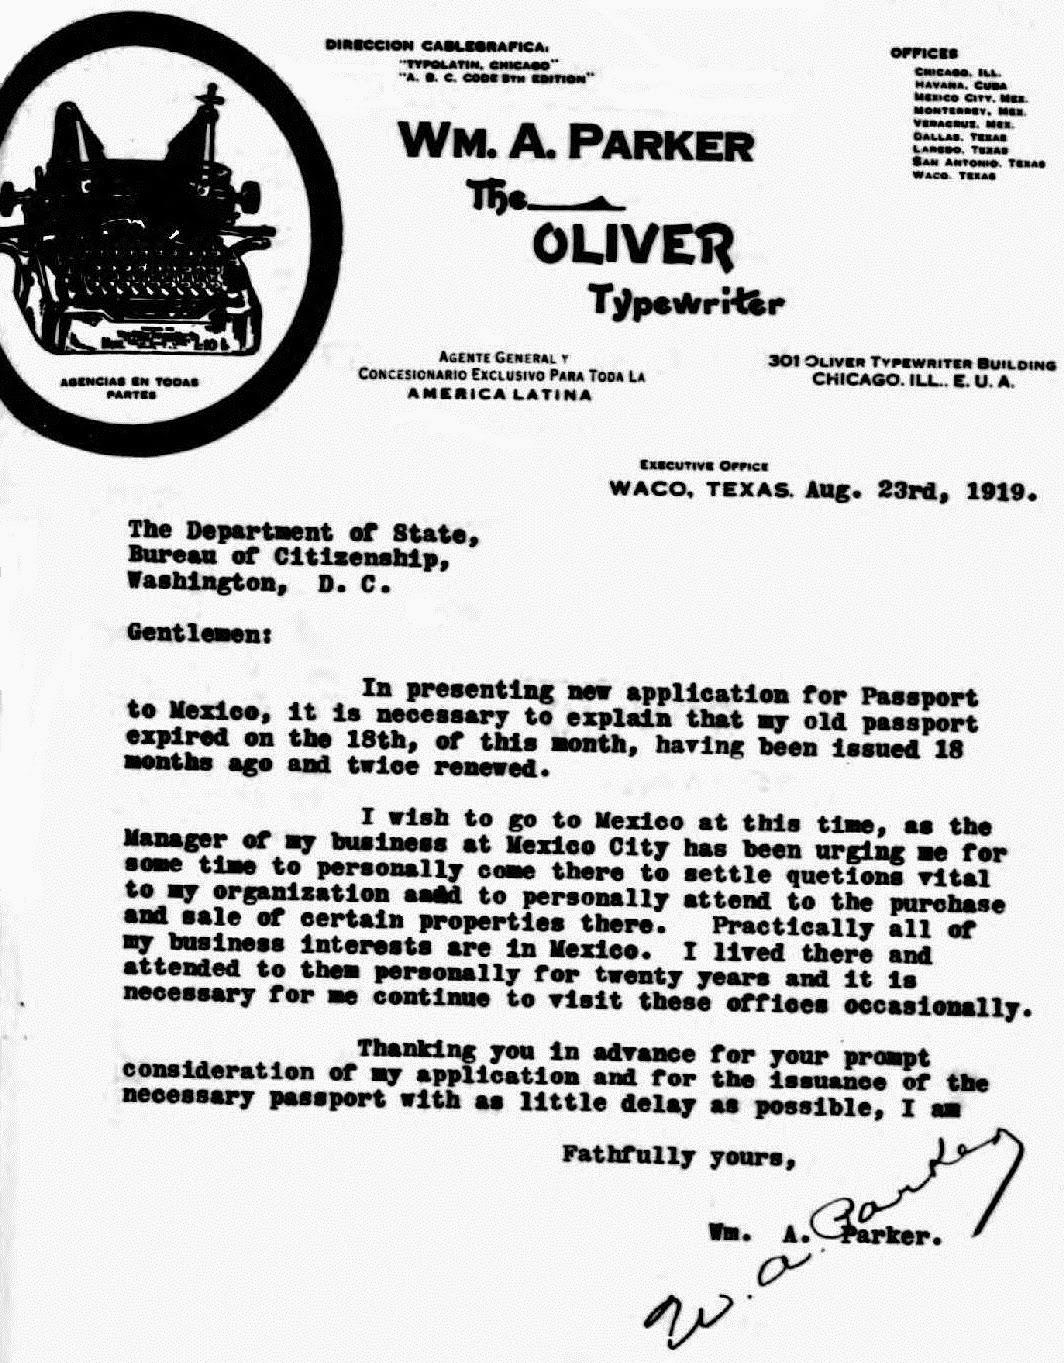 oz.Typewriter: King Bill of Mexico